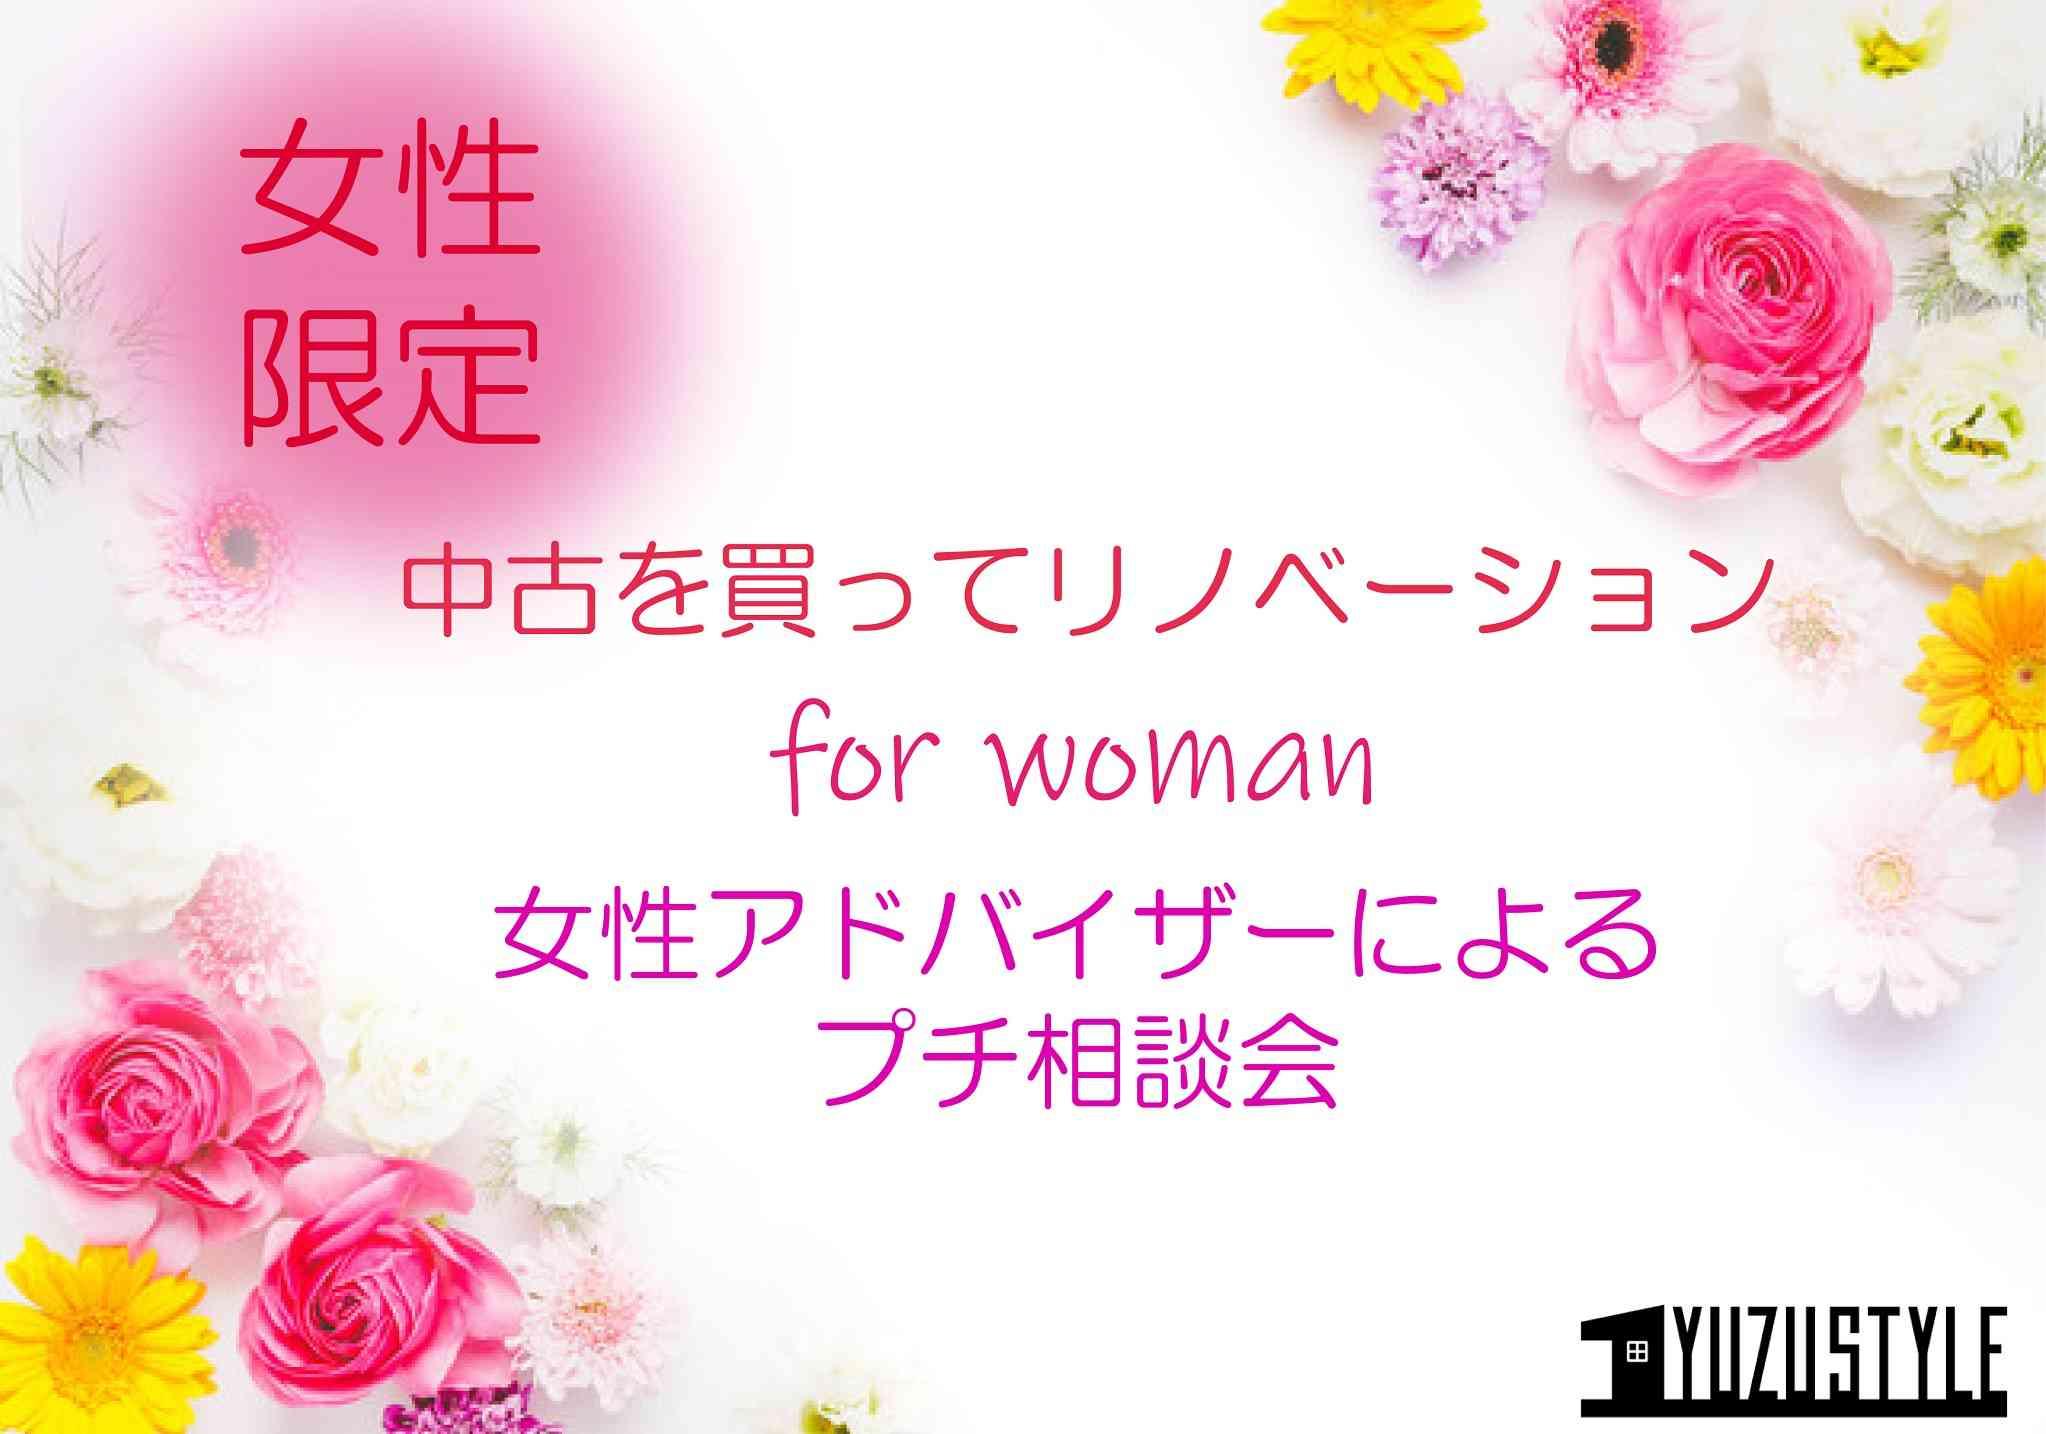 女性アドバイザーによるお住まい探しを始めた女性のためのプチ相談会